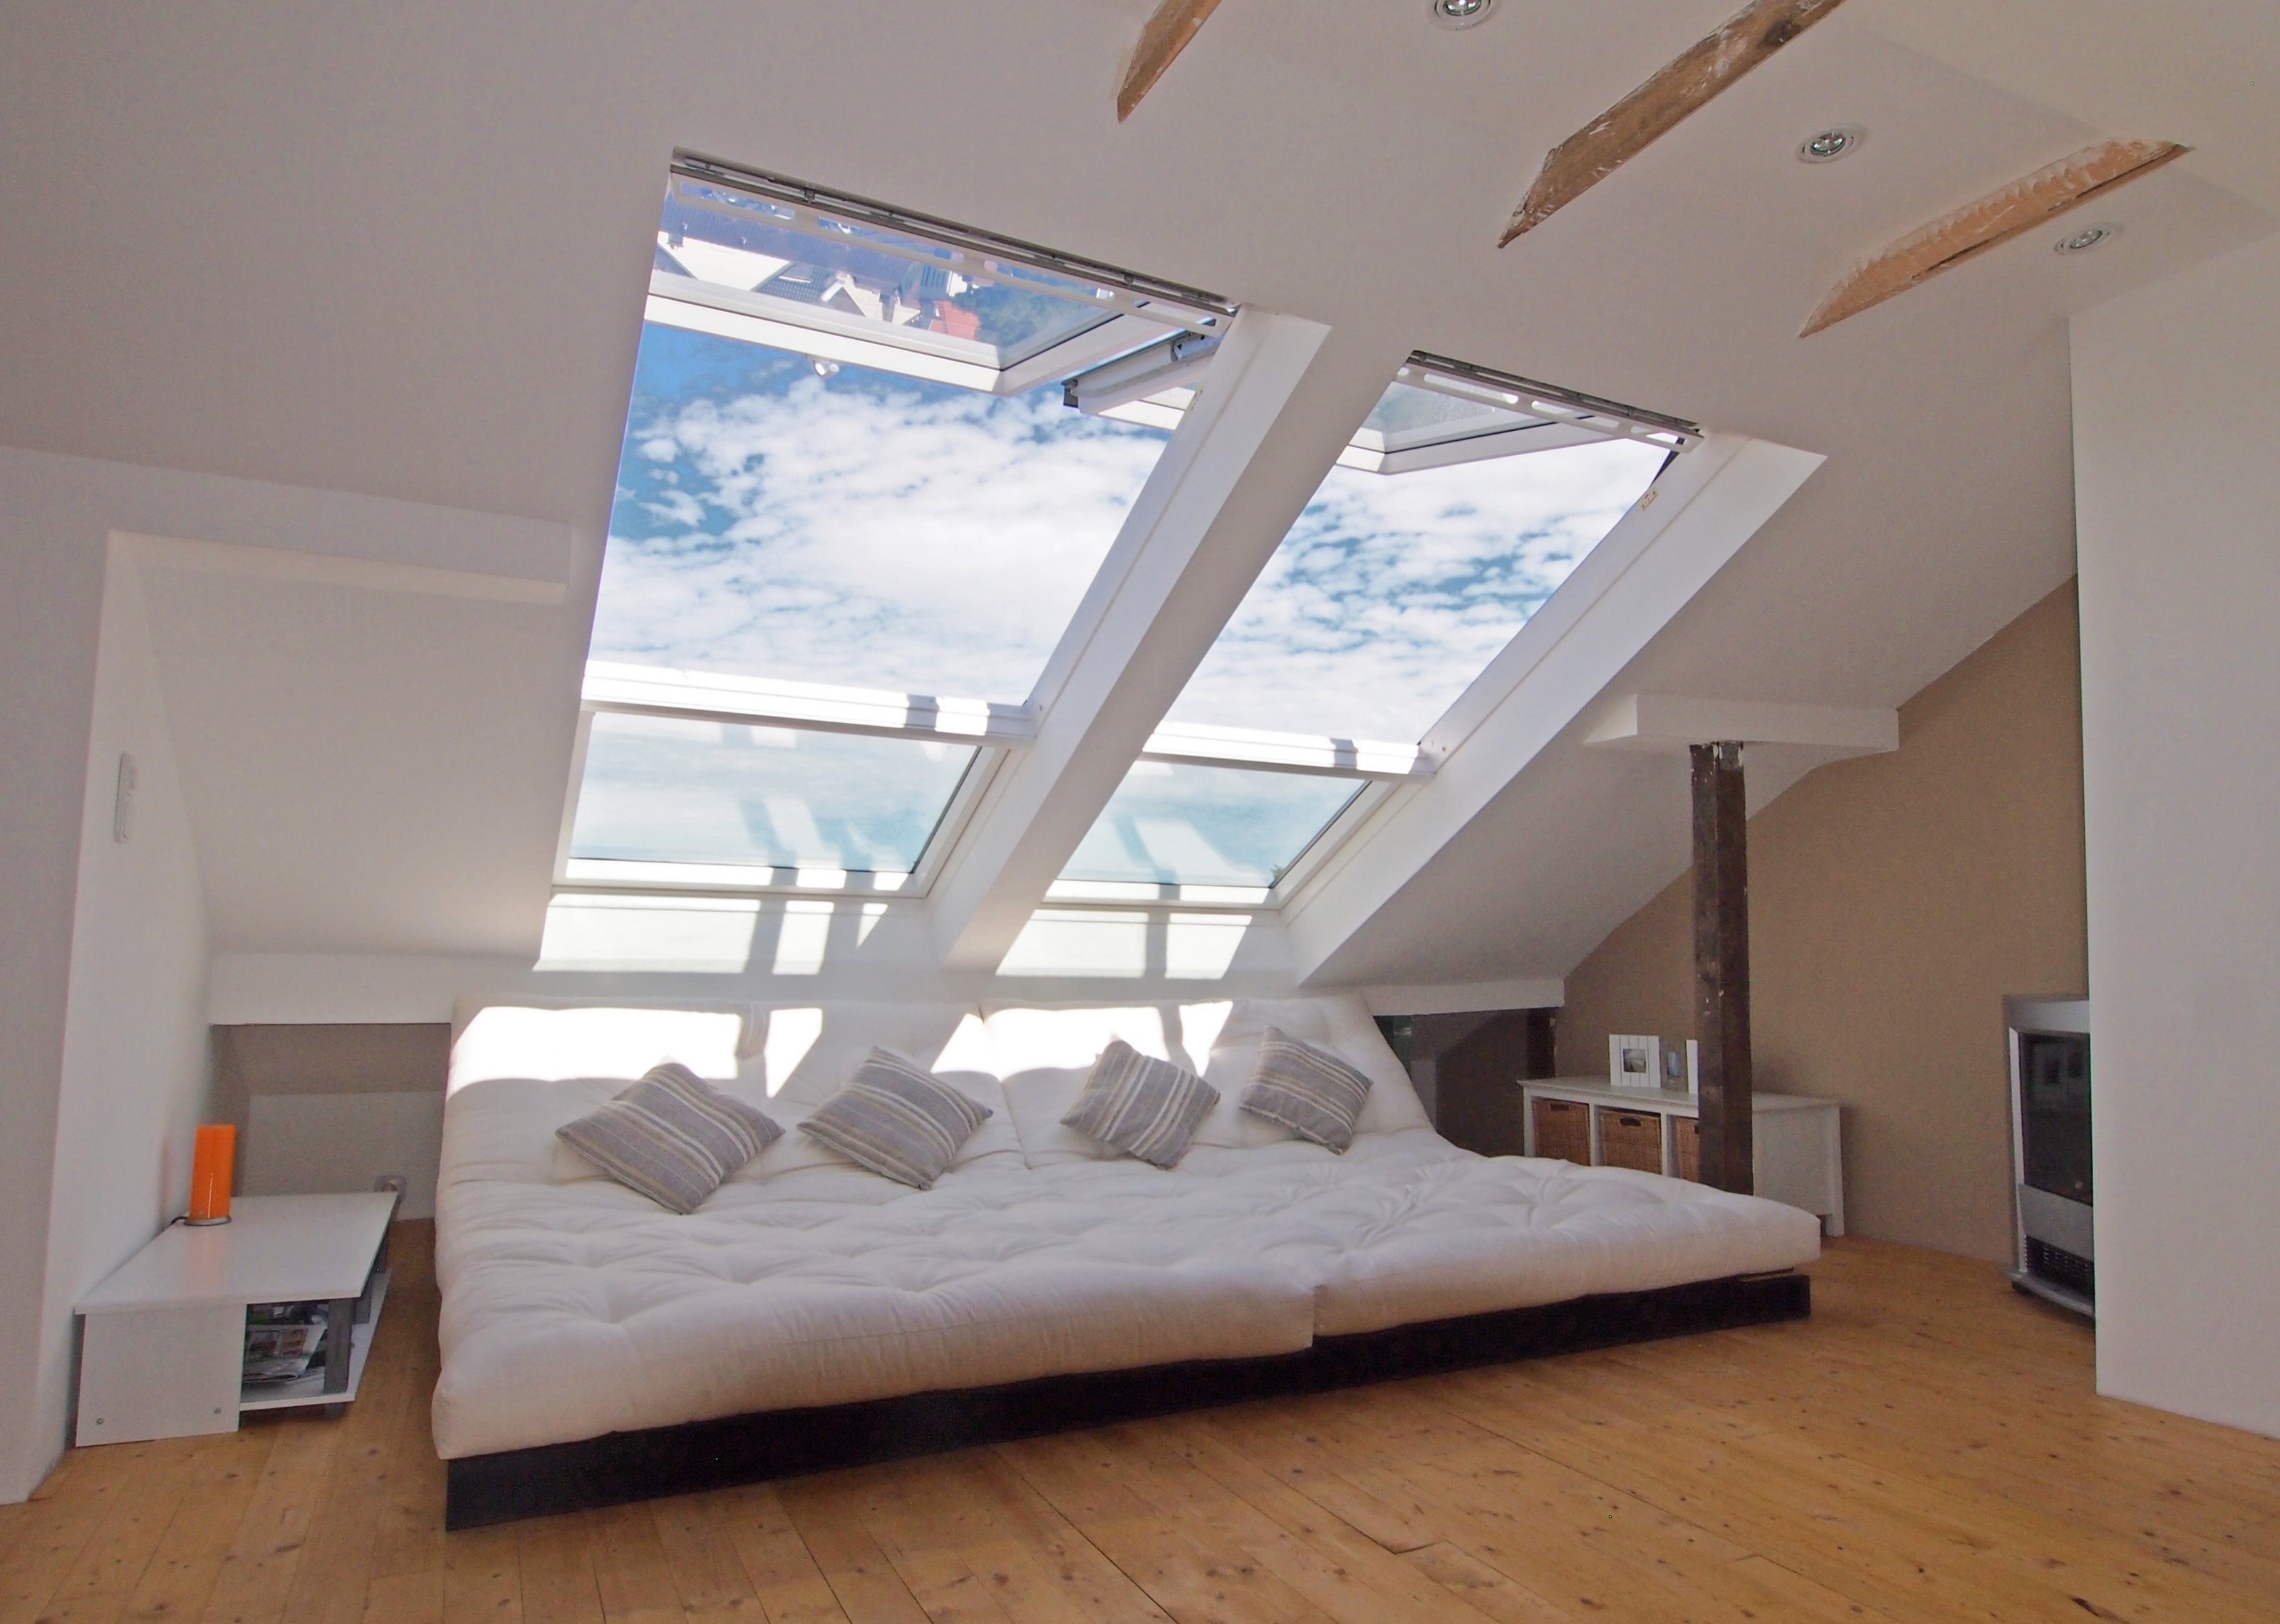 wohnzimmer 39 chillen unterm dach 39 gr nderzeitschatztruhe zimmerschau. Black Bedroom Furniture Sets. Home Design Ideas